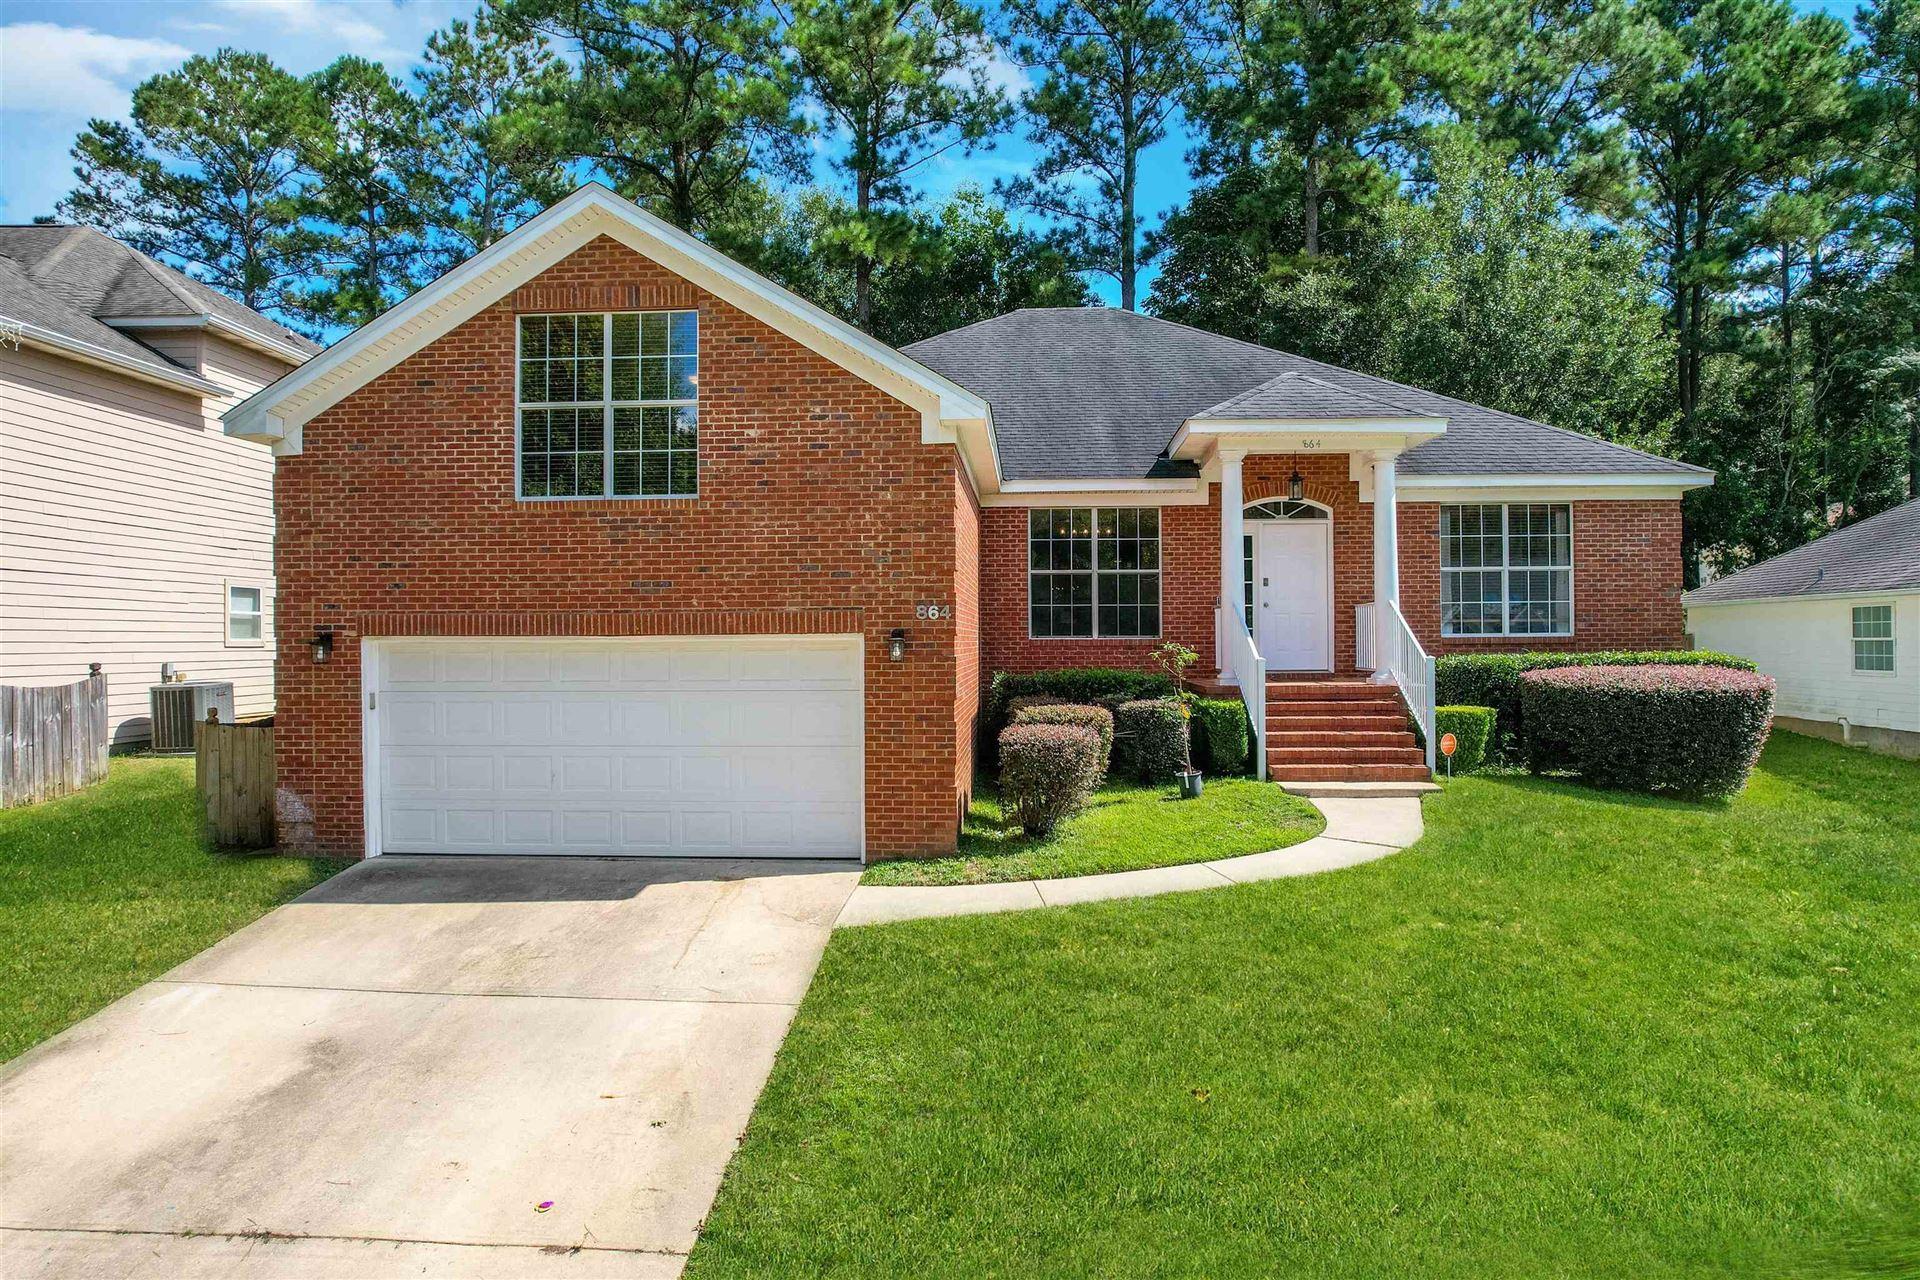 864 Eagle View Drive, Tallahassee, FL 32311 - MLS#: 337881